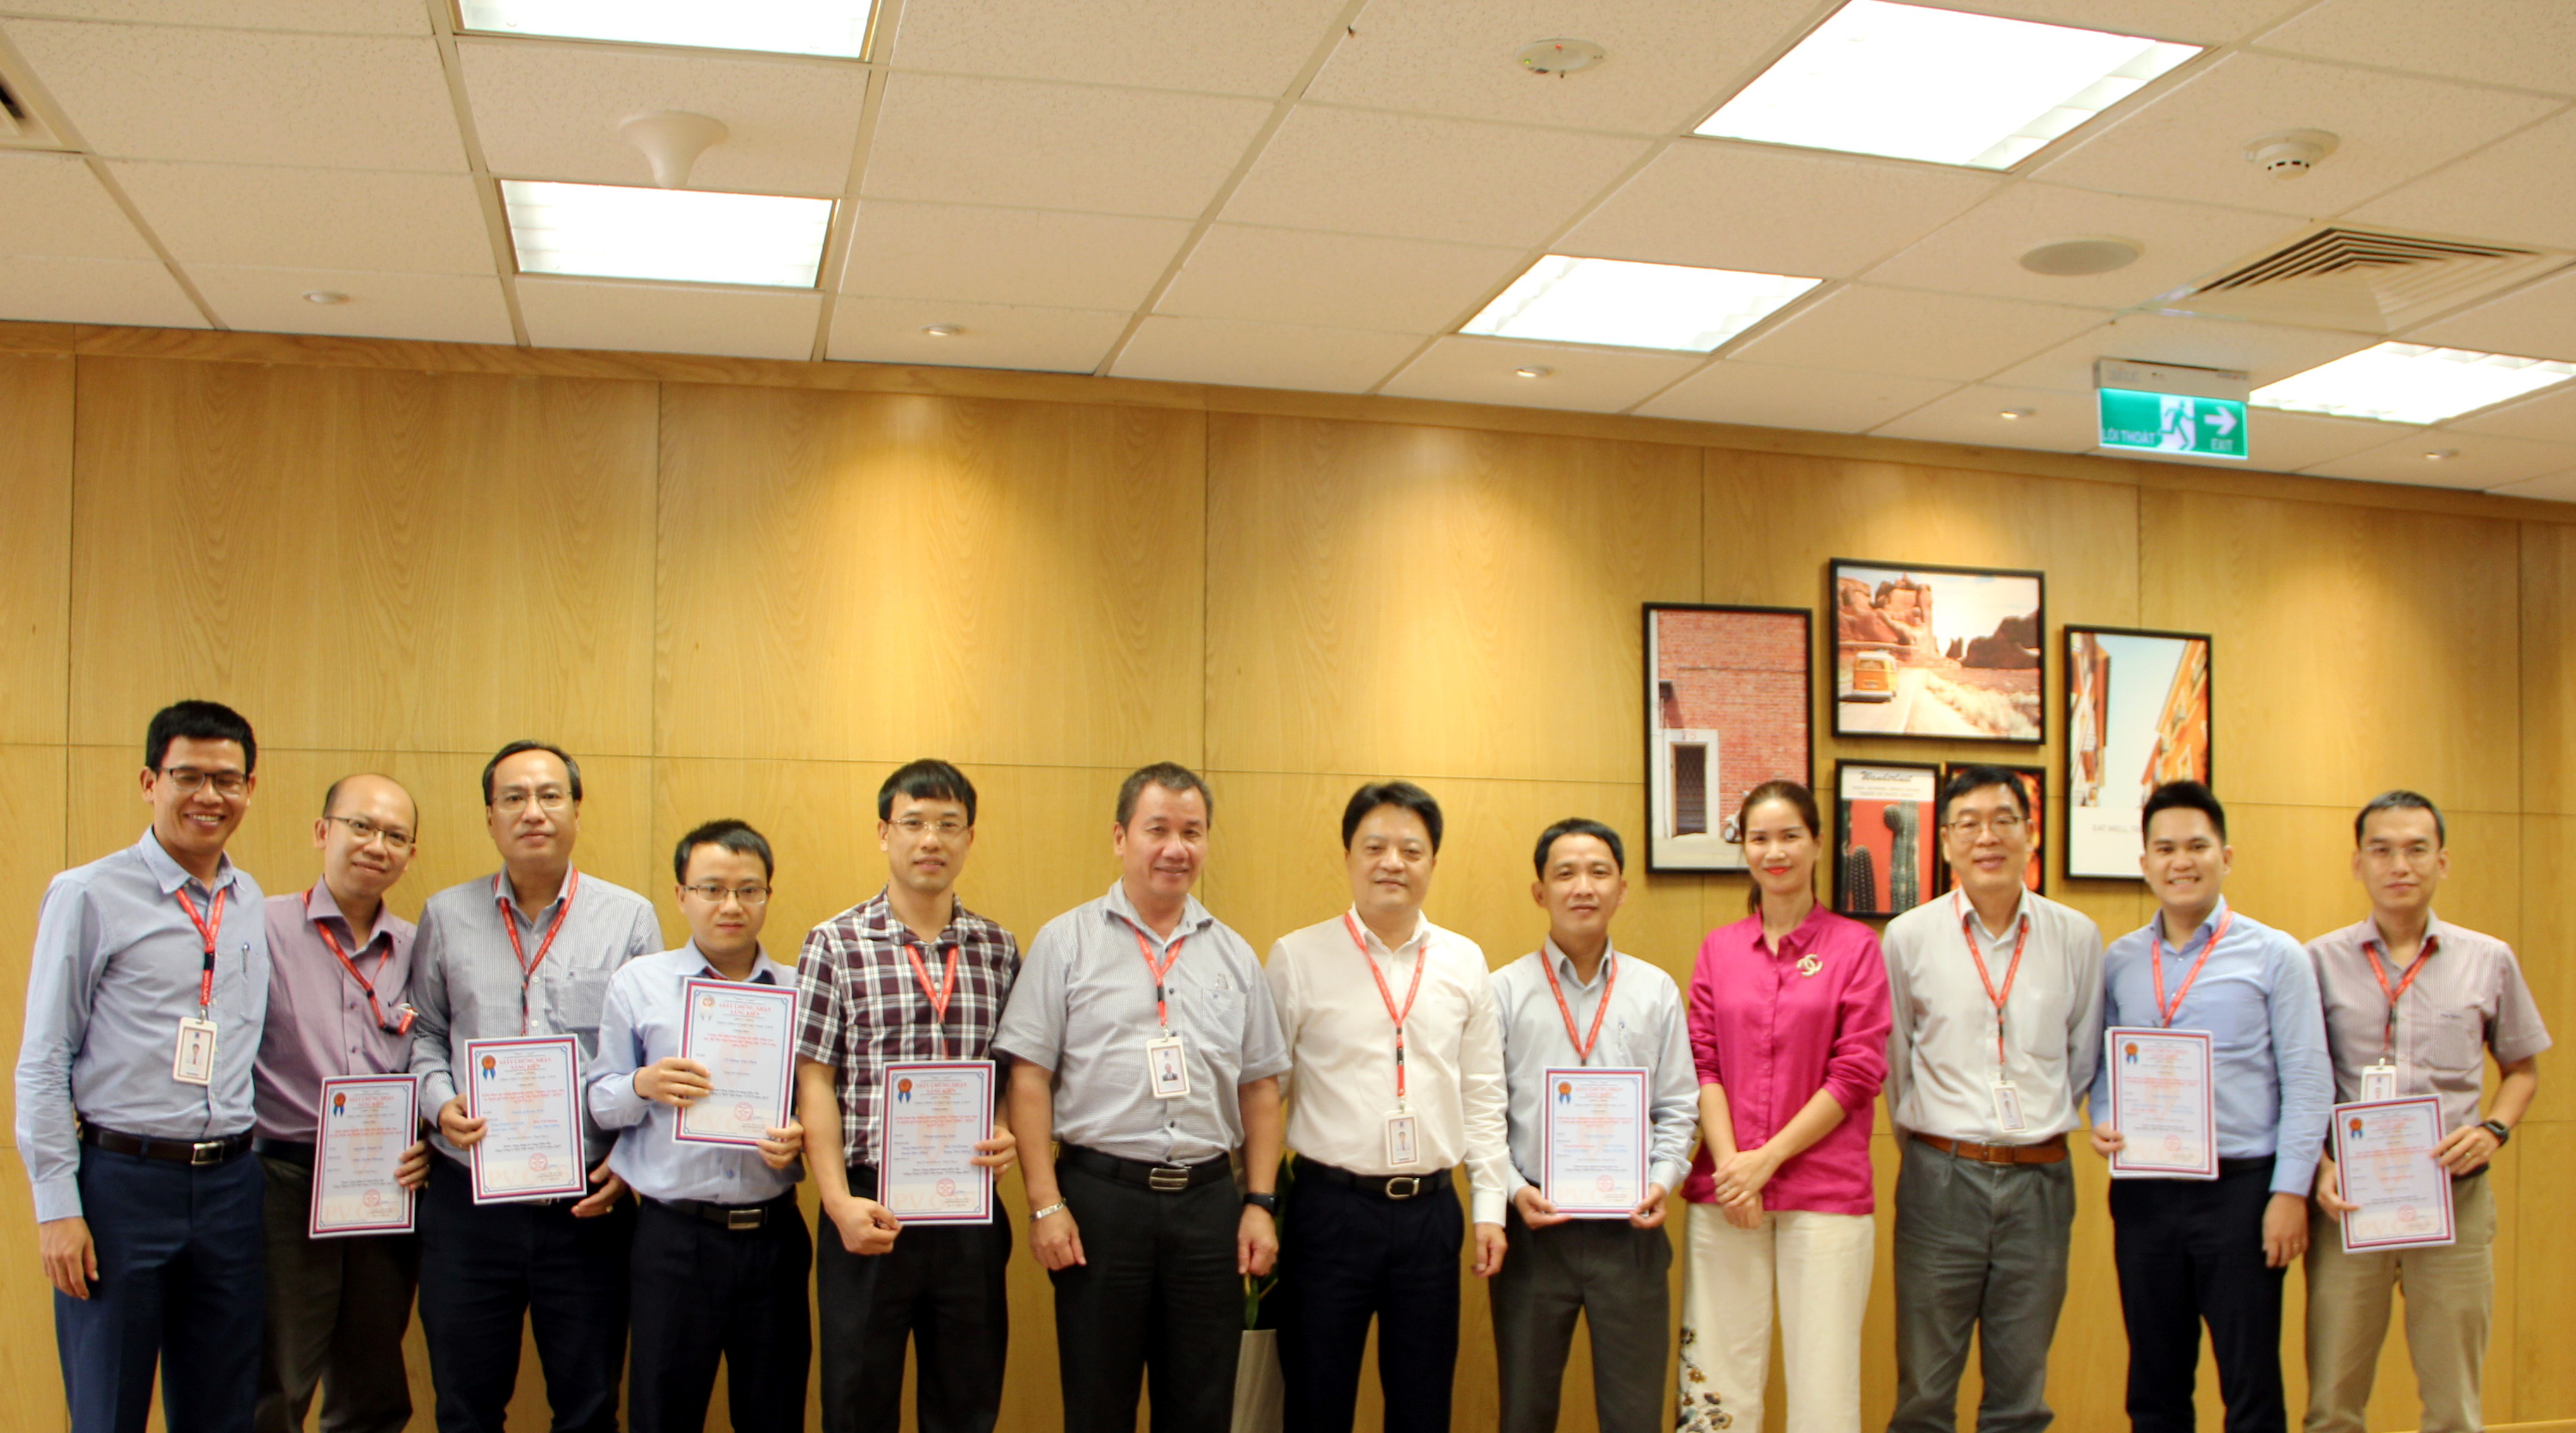 Các lãnh đạo TCT và Công đoàn chúc mừng các nhóm tác giả